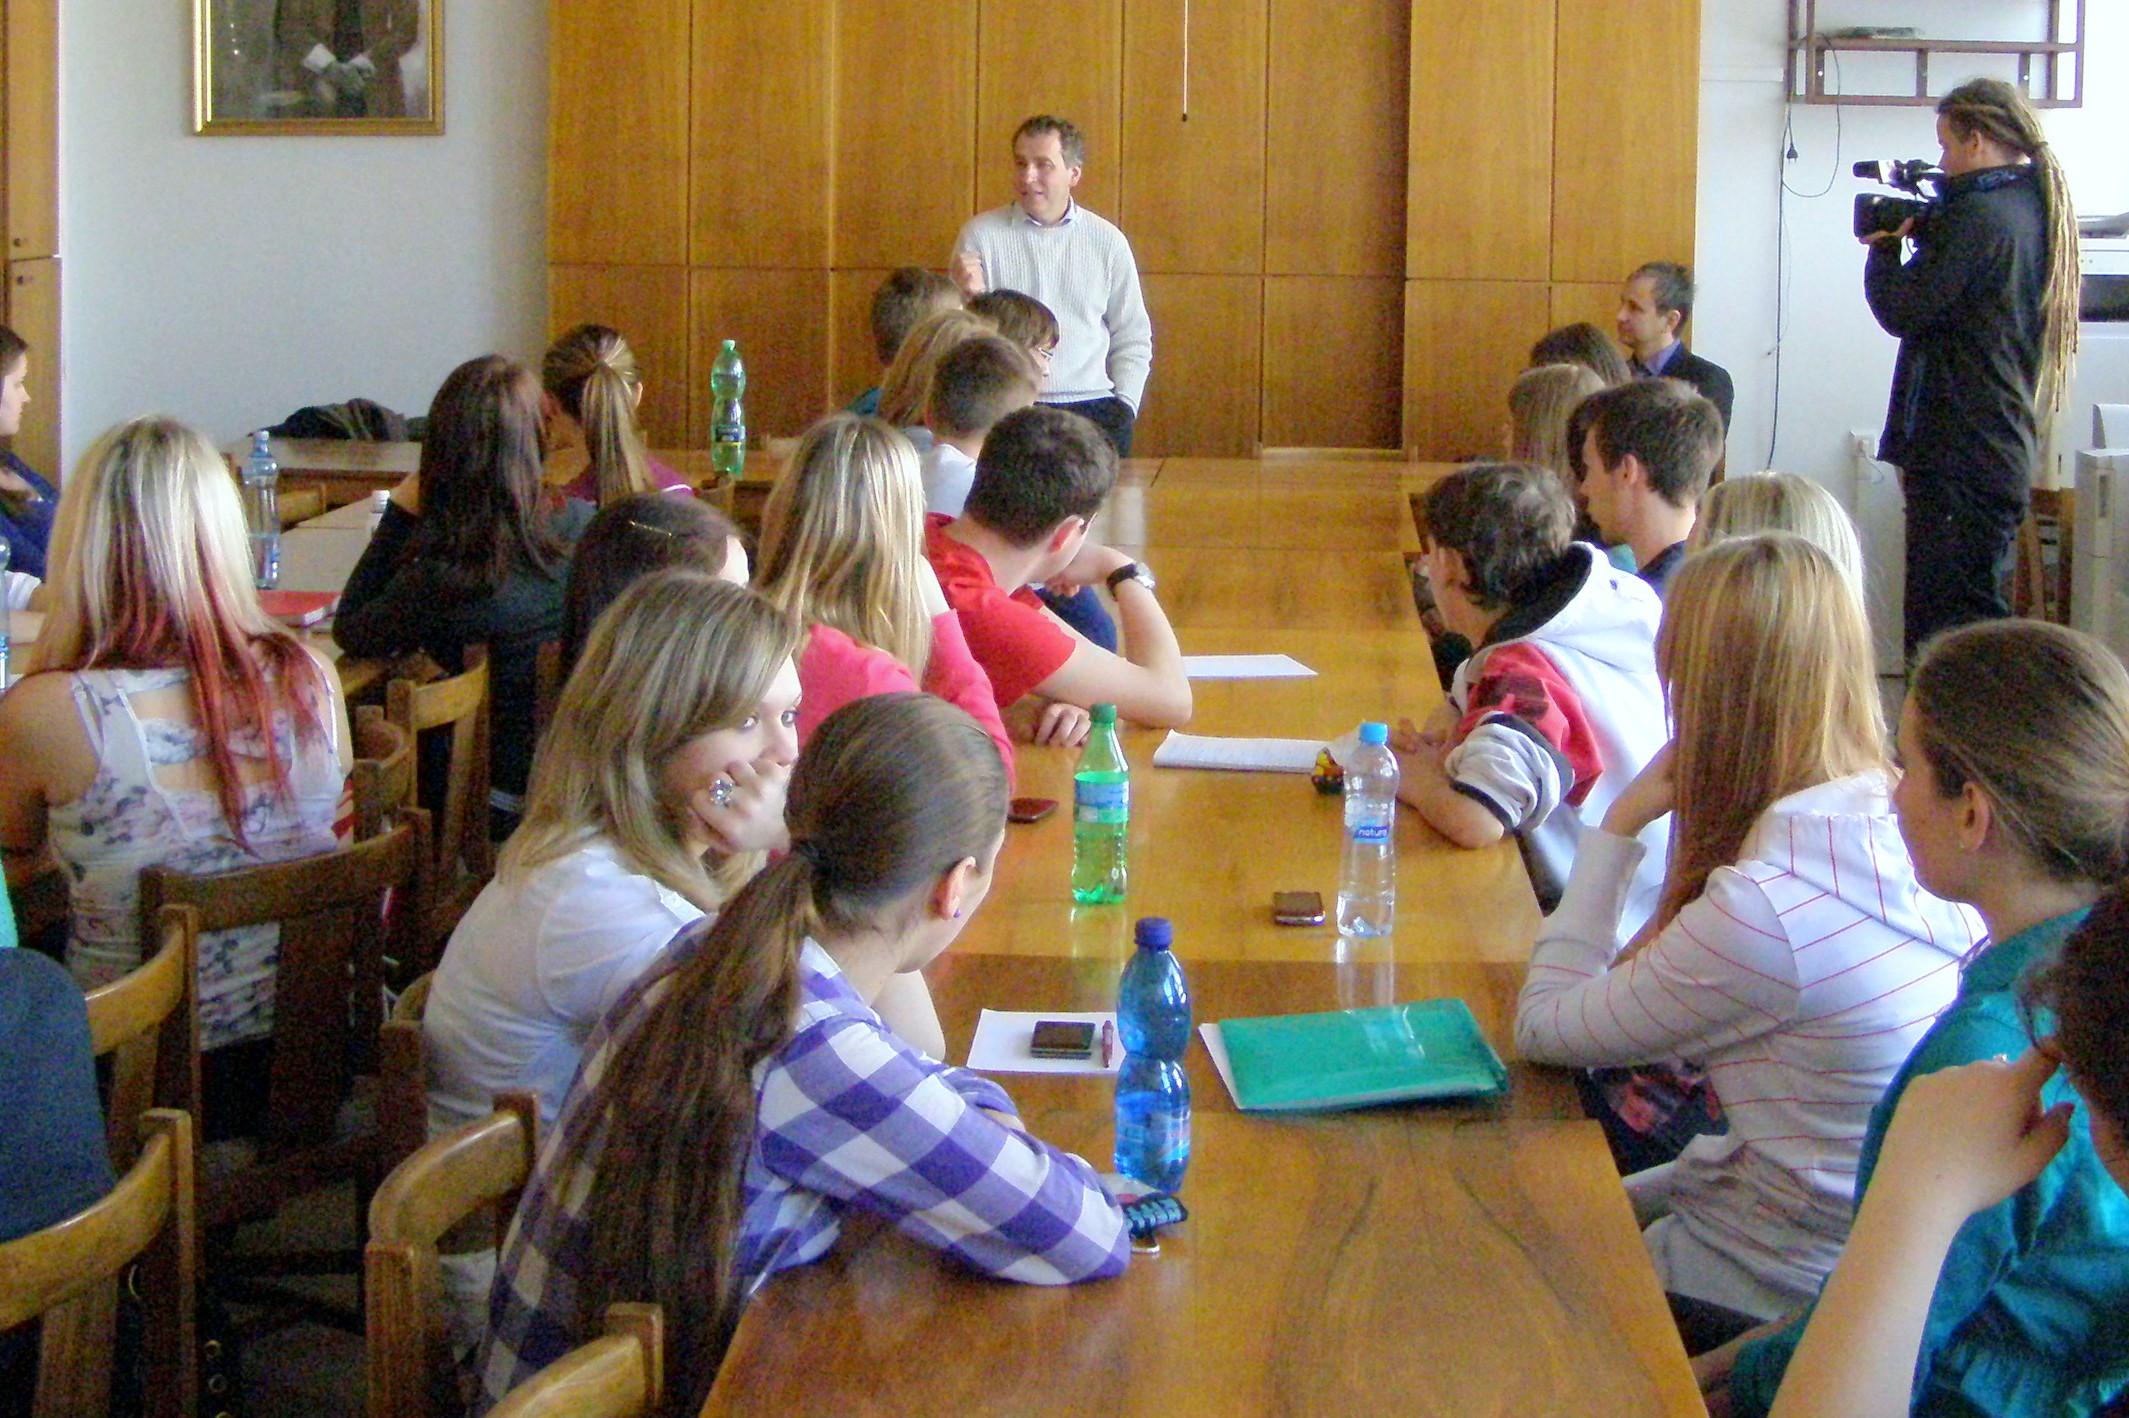 Ve středu 16.4. 2014 navštívil gymnázium RNDr. Luděk Niedermayer, dlouholetý člen bankovní rady ČNB a bývalý viceguvernér ČNB.